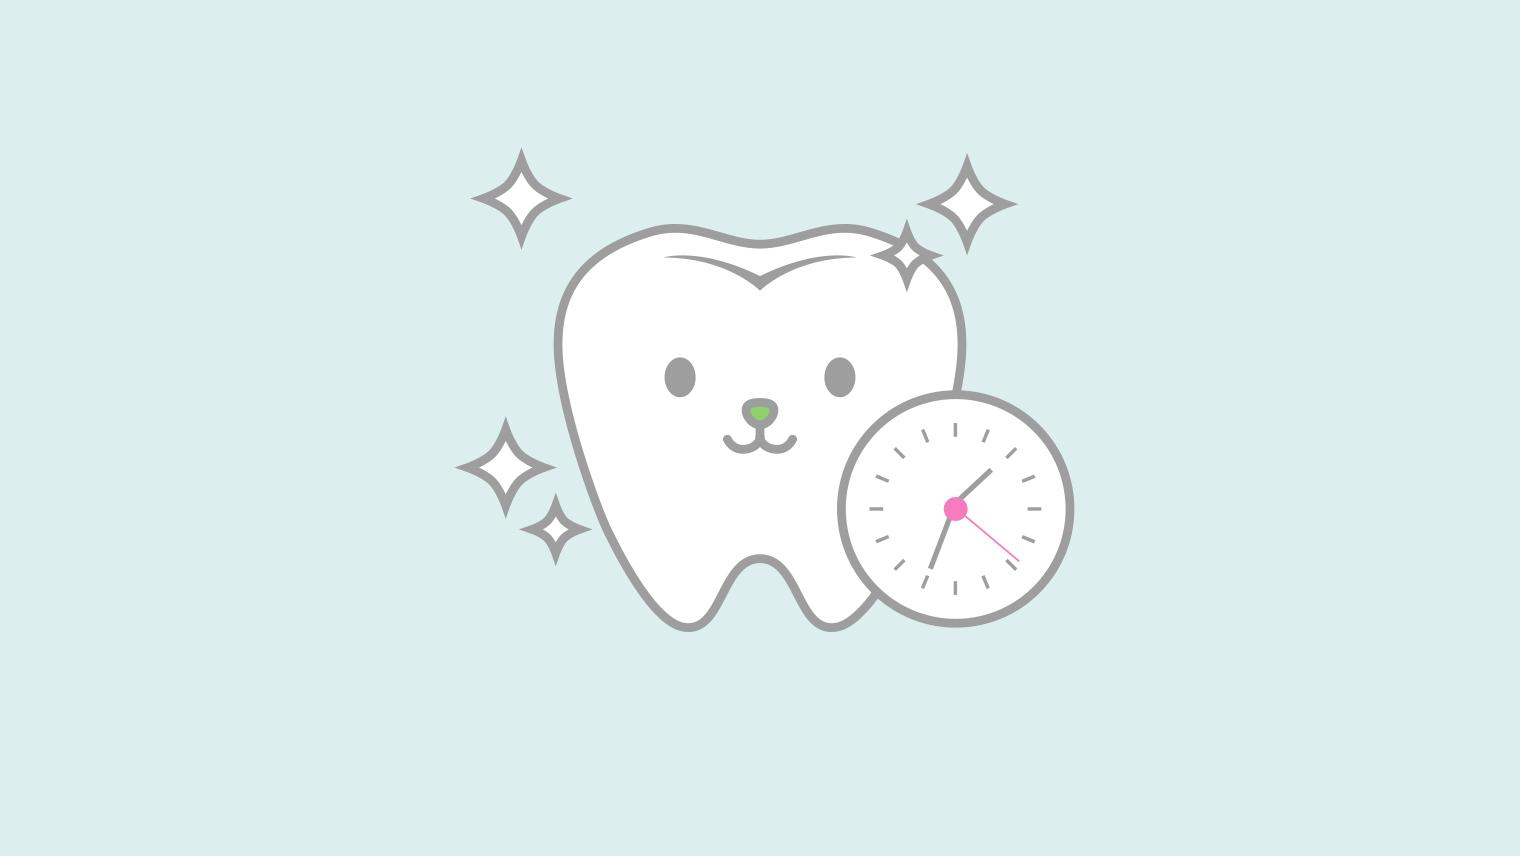 【歯医者が教える】ホワイトニングの1回の施術時間と効果持続期間